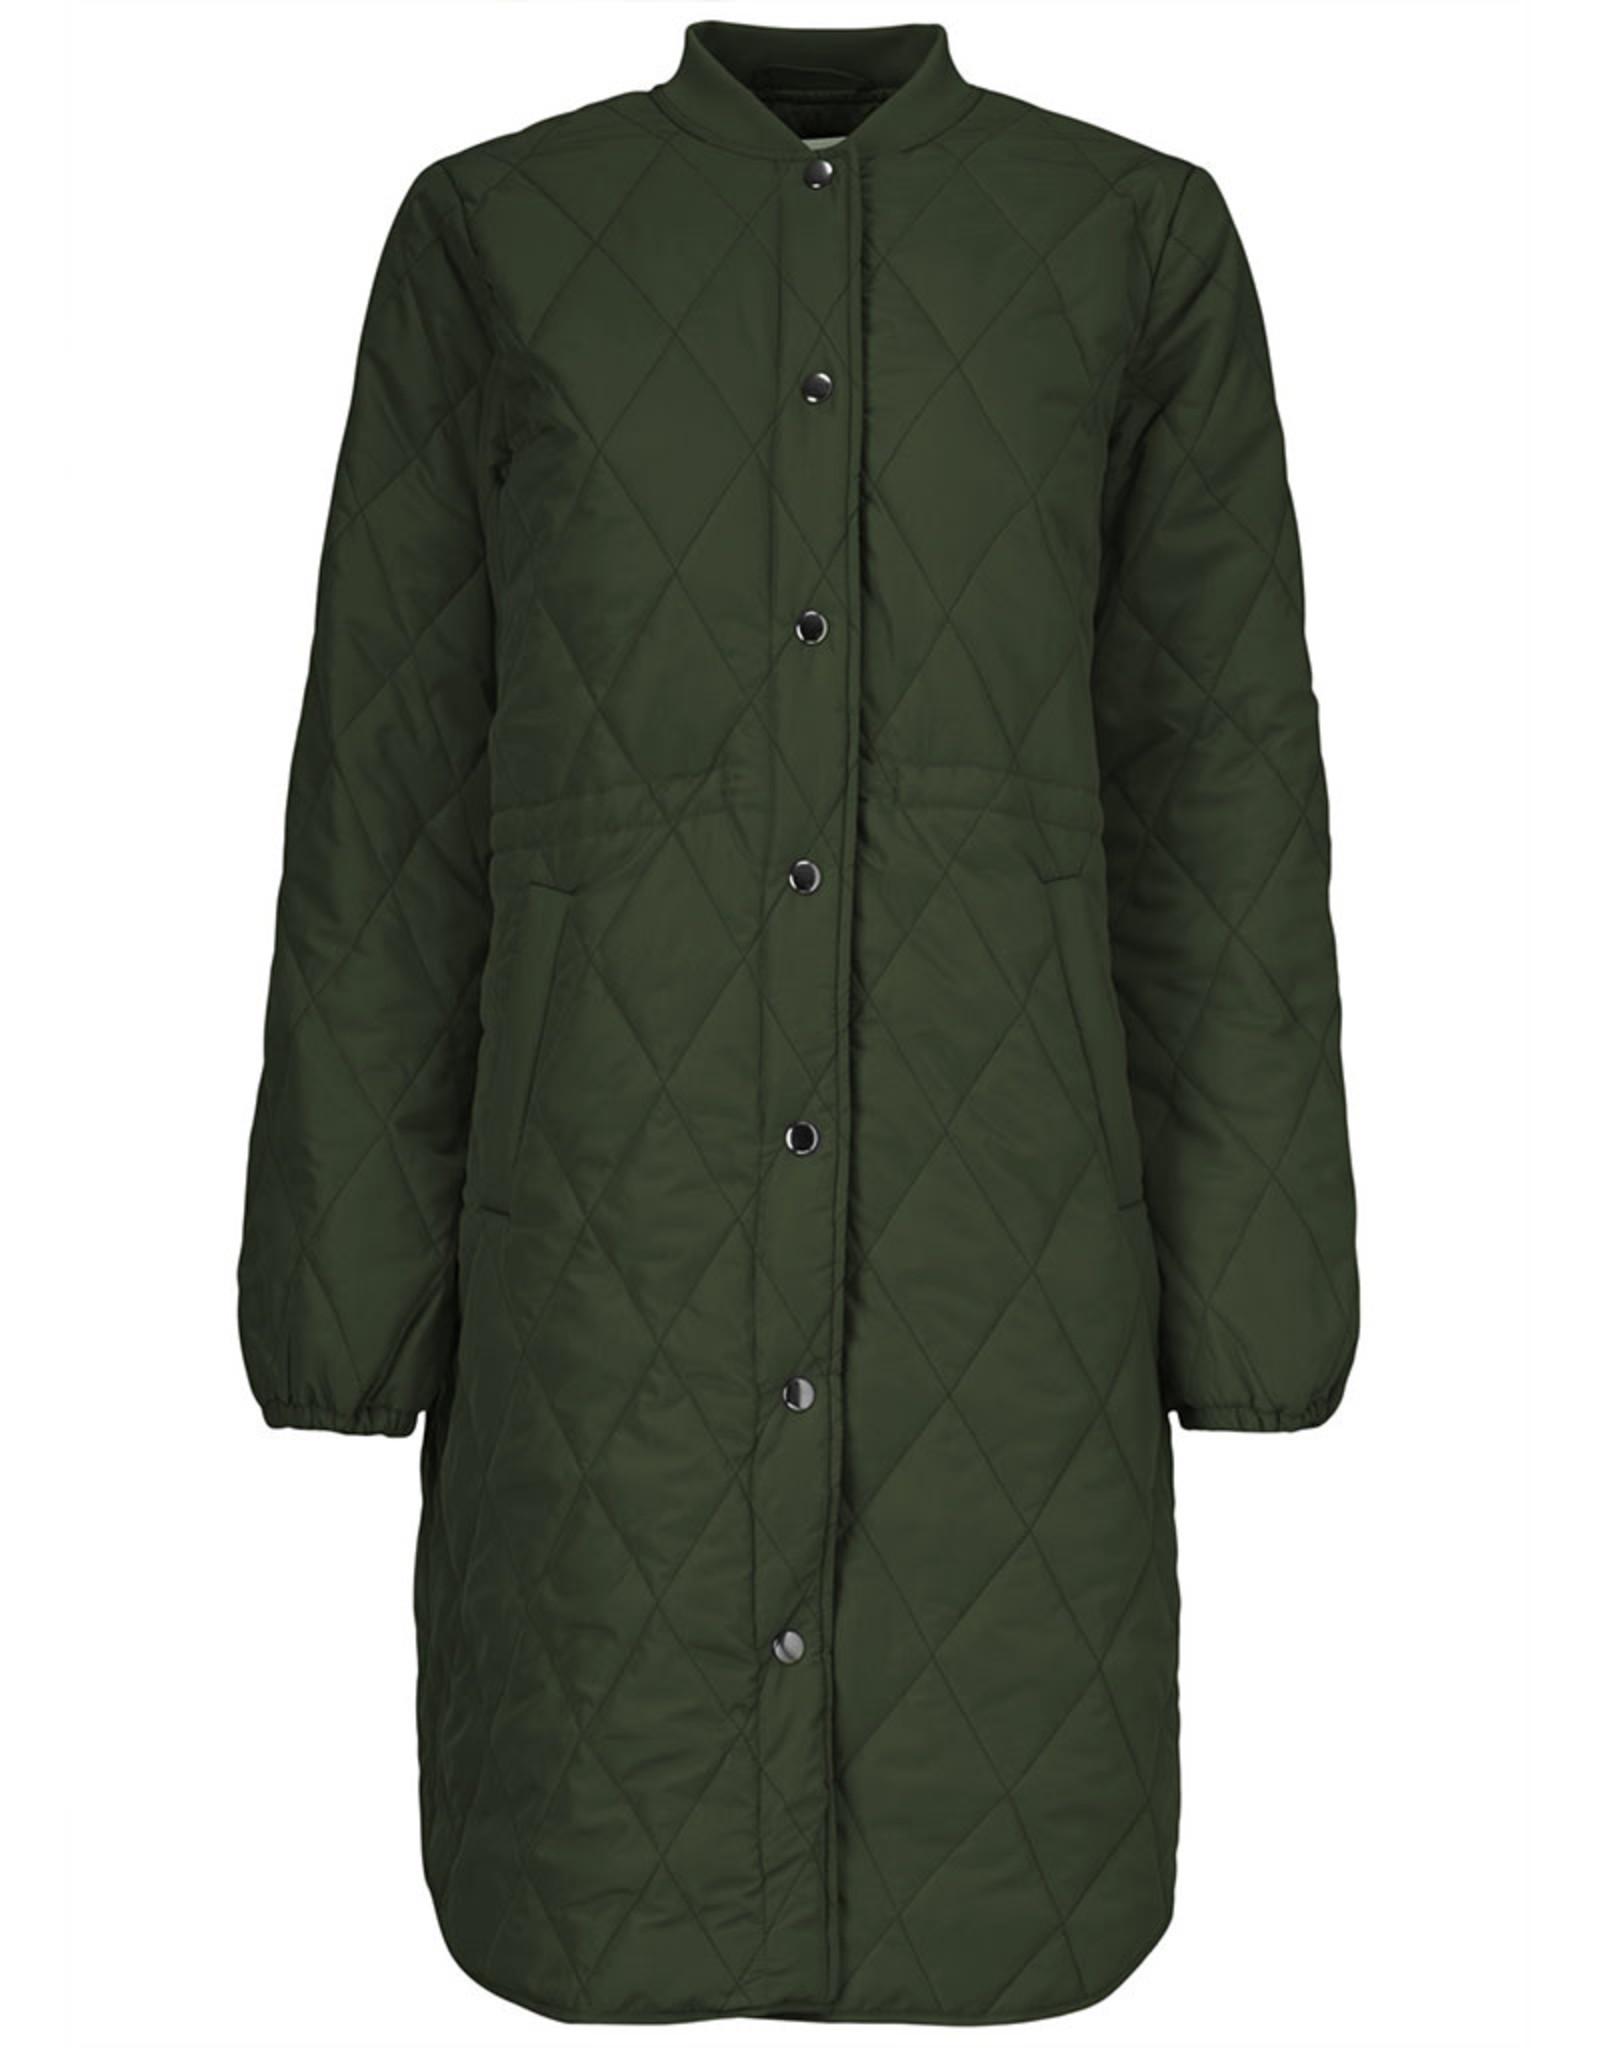 Modström Kip Jacket